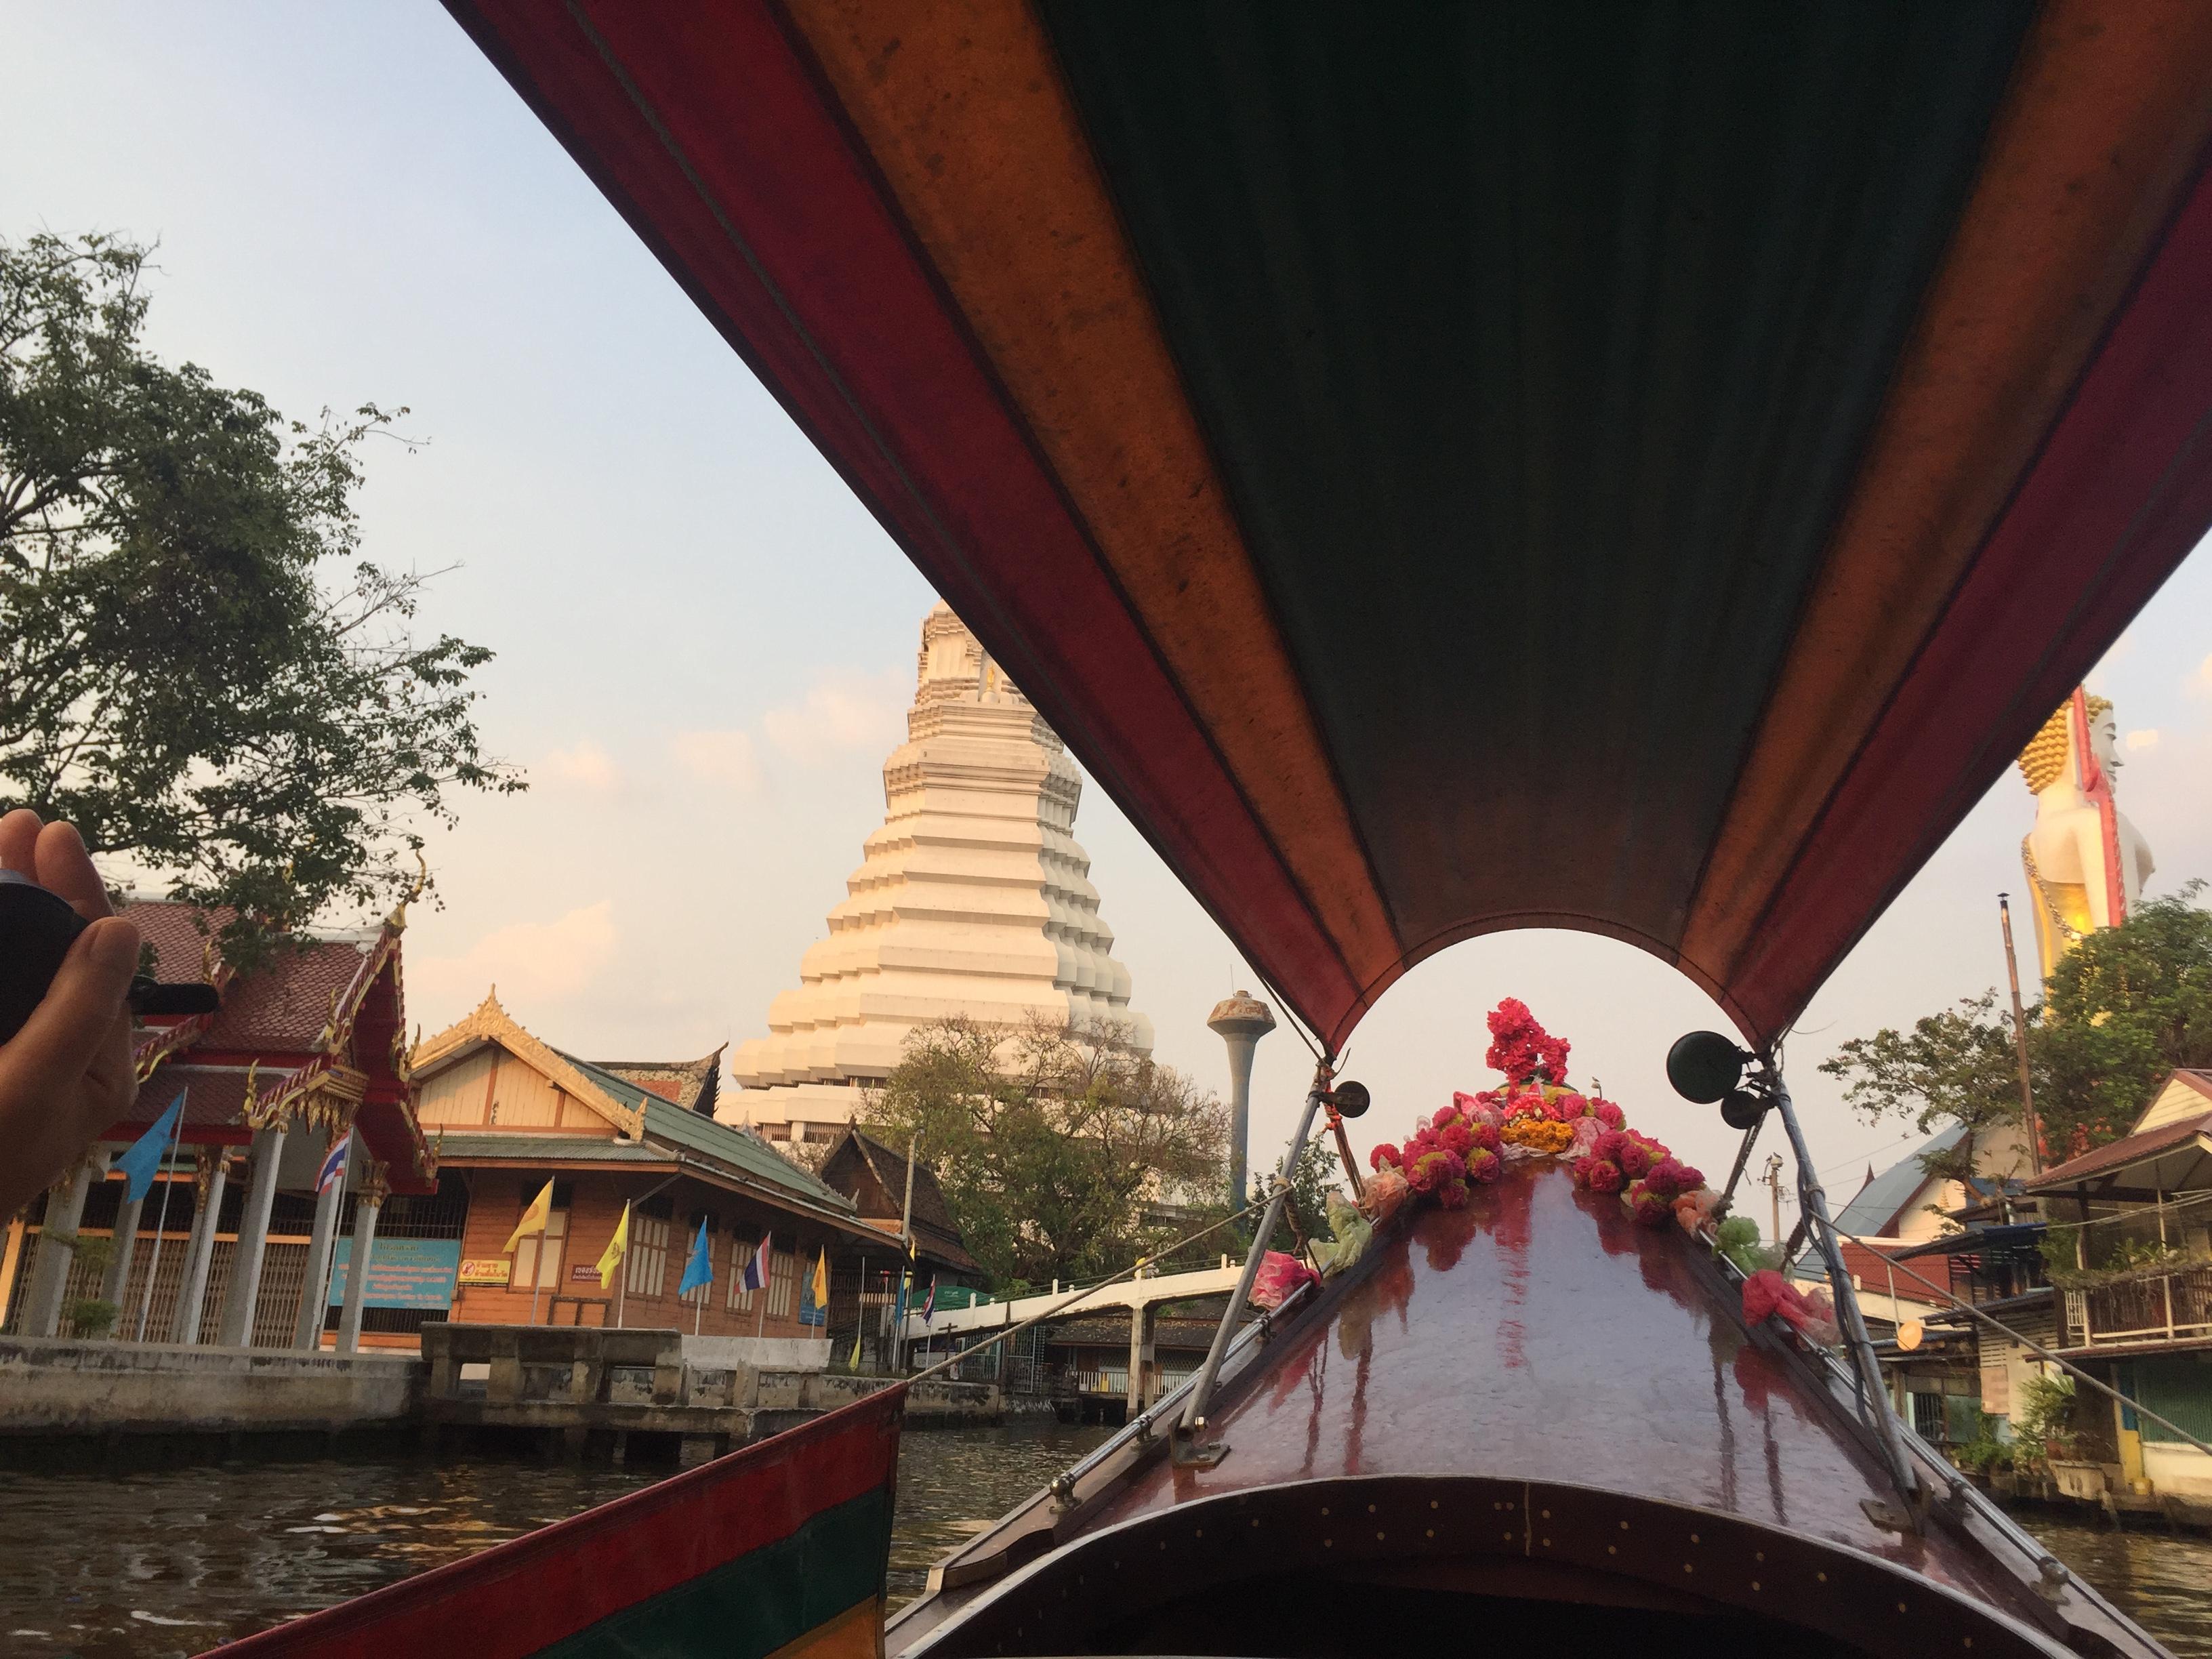 Pasiplaukiojimas po Bankoką laiveliu